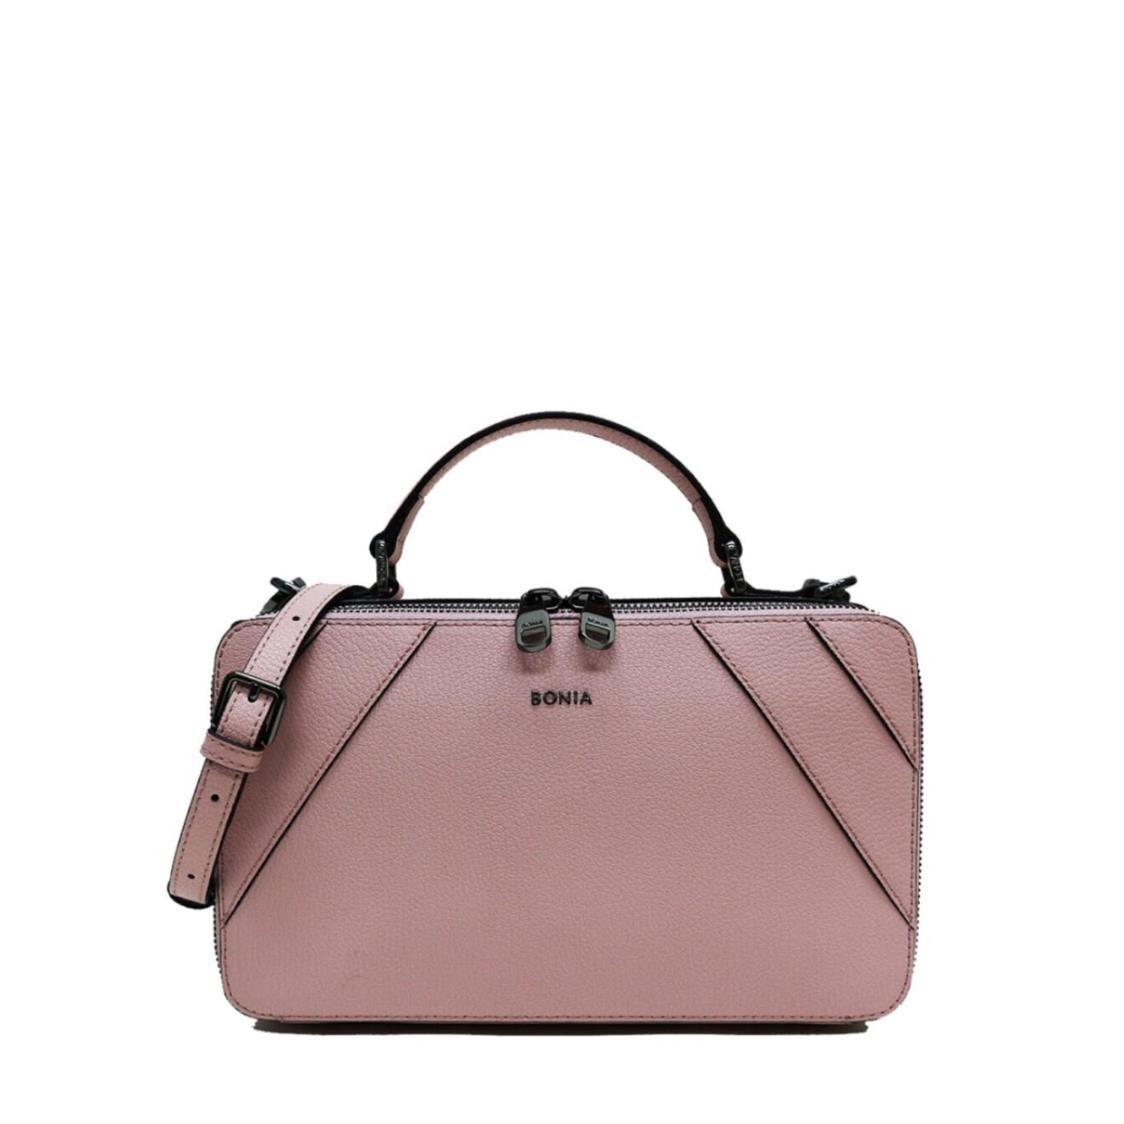 Bonia Satchel Bag 801464-001-64